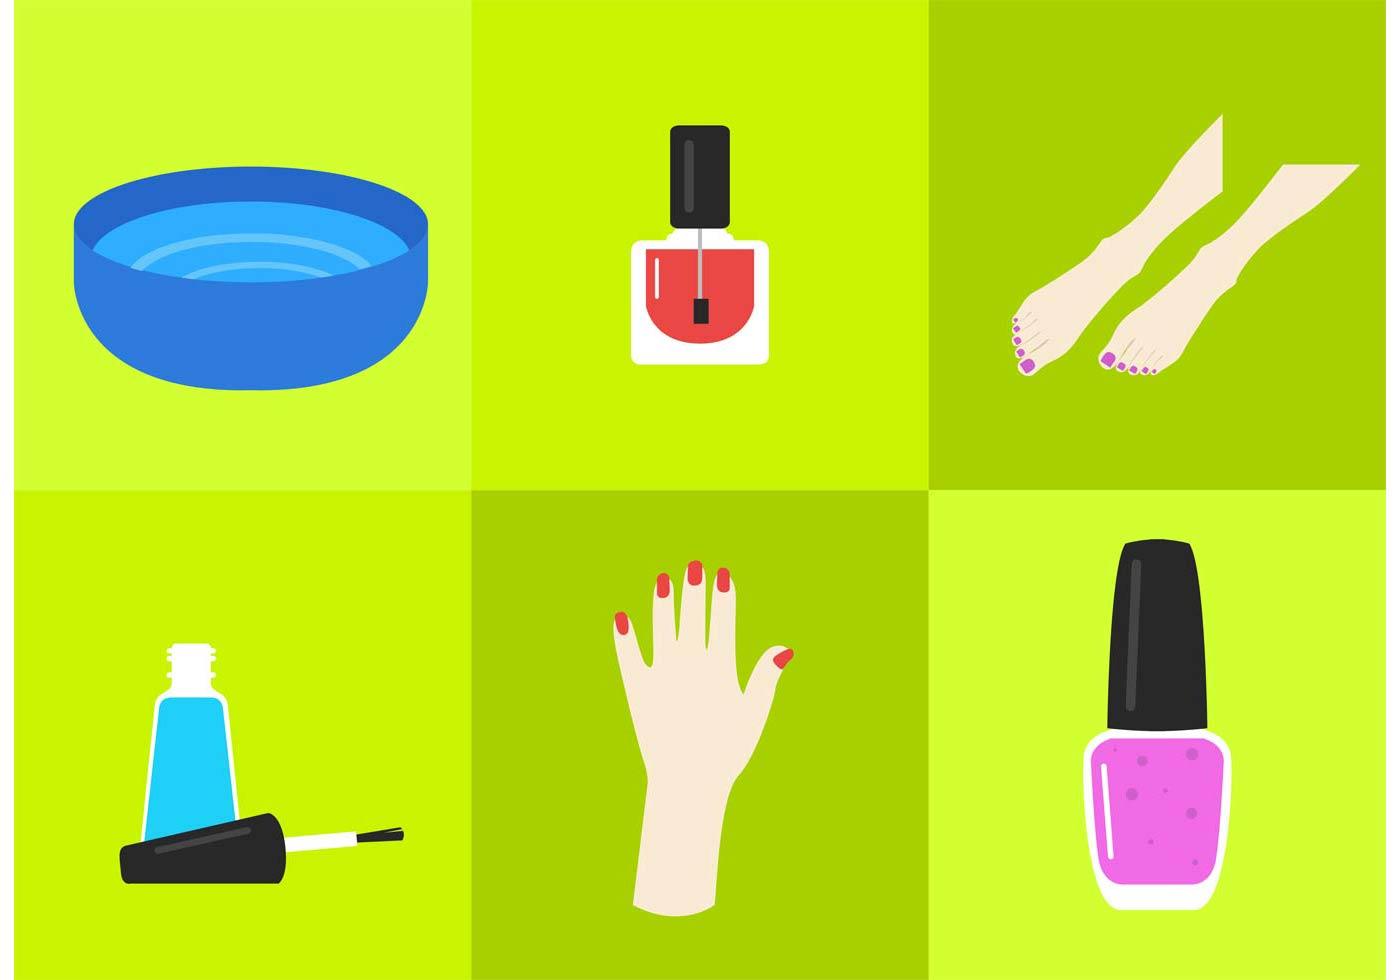 manicure pedicure free vector art 31 free downloads rh vecteezy com manucure pedicure clipart pedicure clip art images